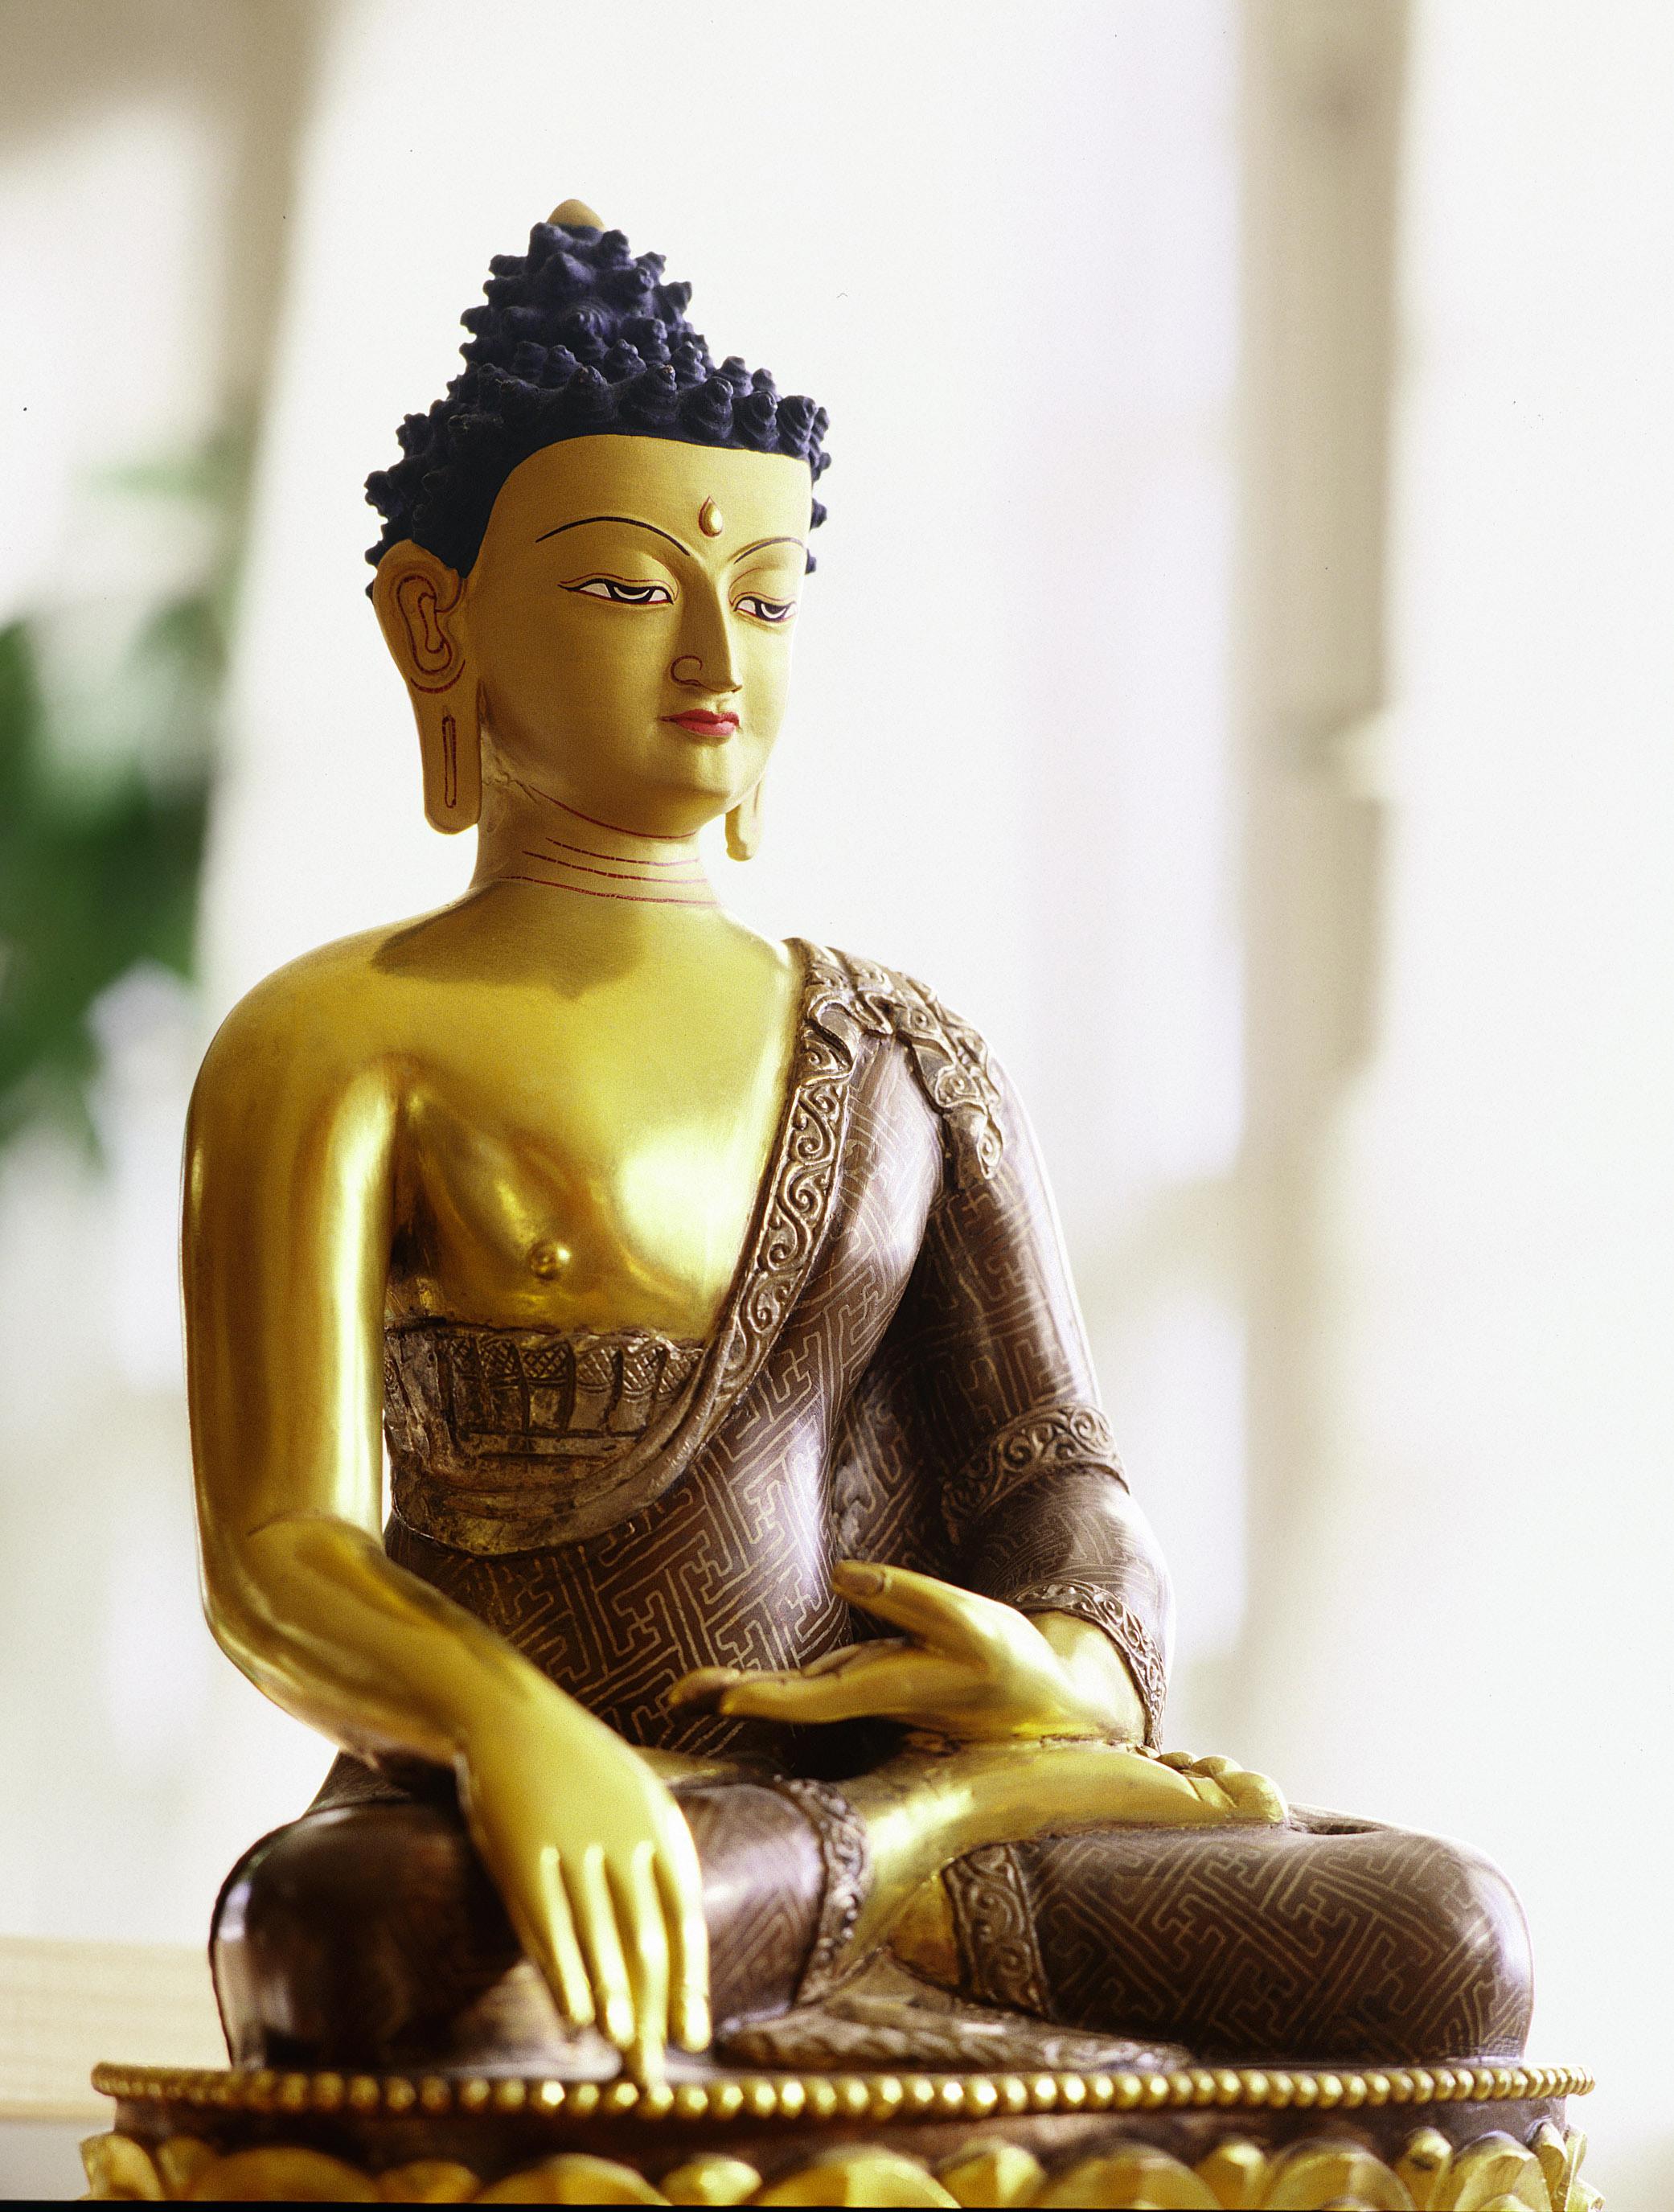 http://upload.wikimedia.org/wikipedia/commons/a/a7/BuddhaShakyamuni.jpg